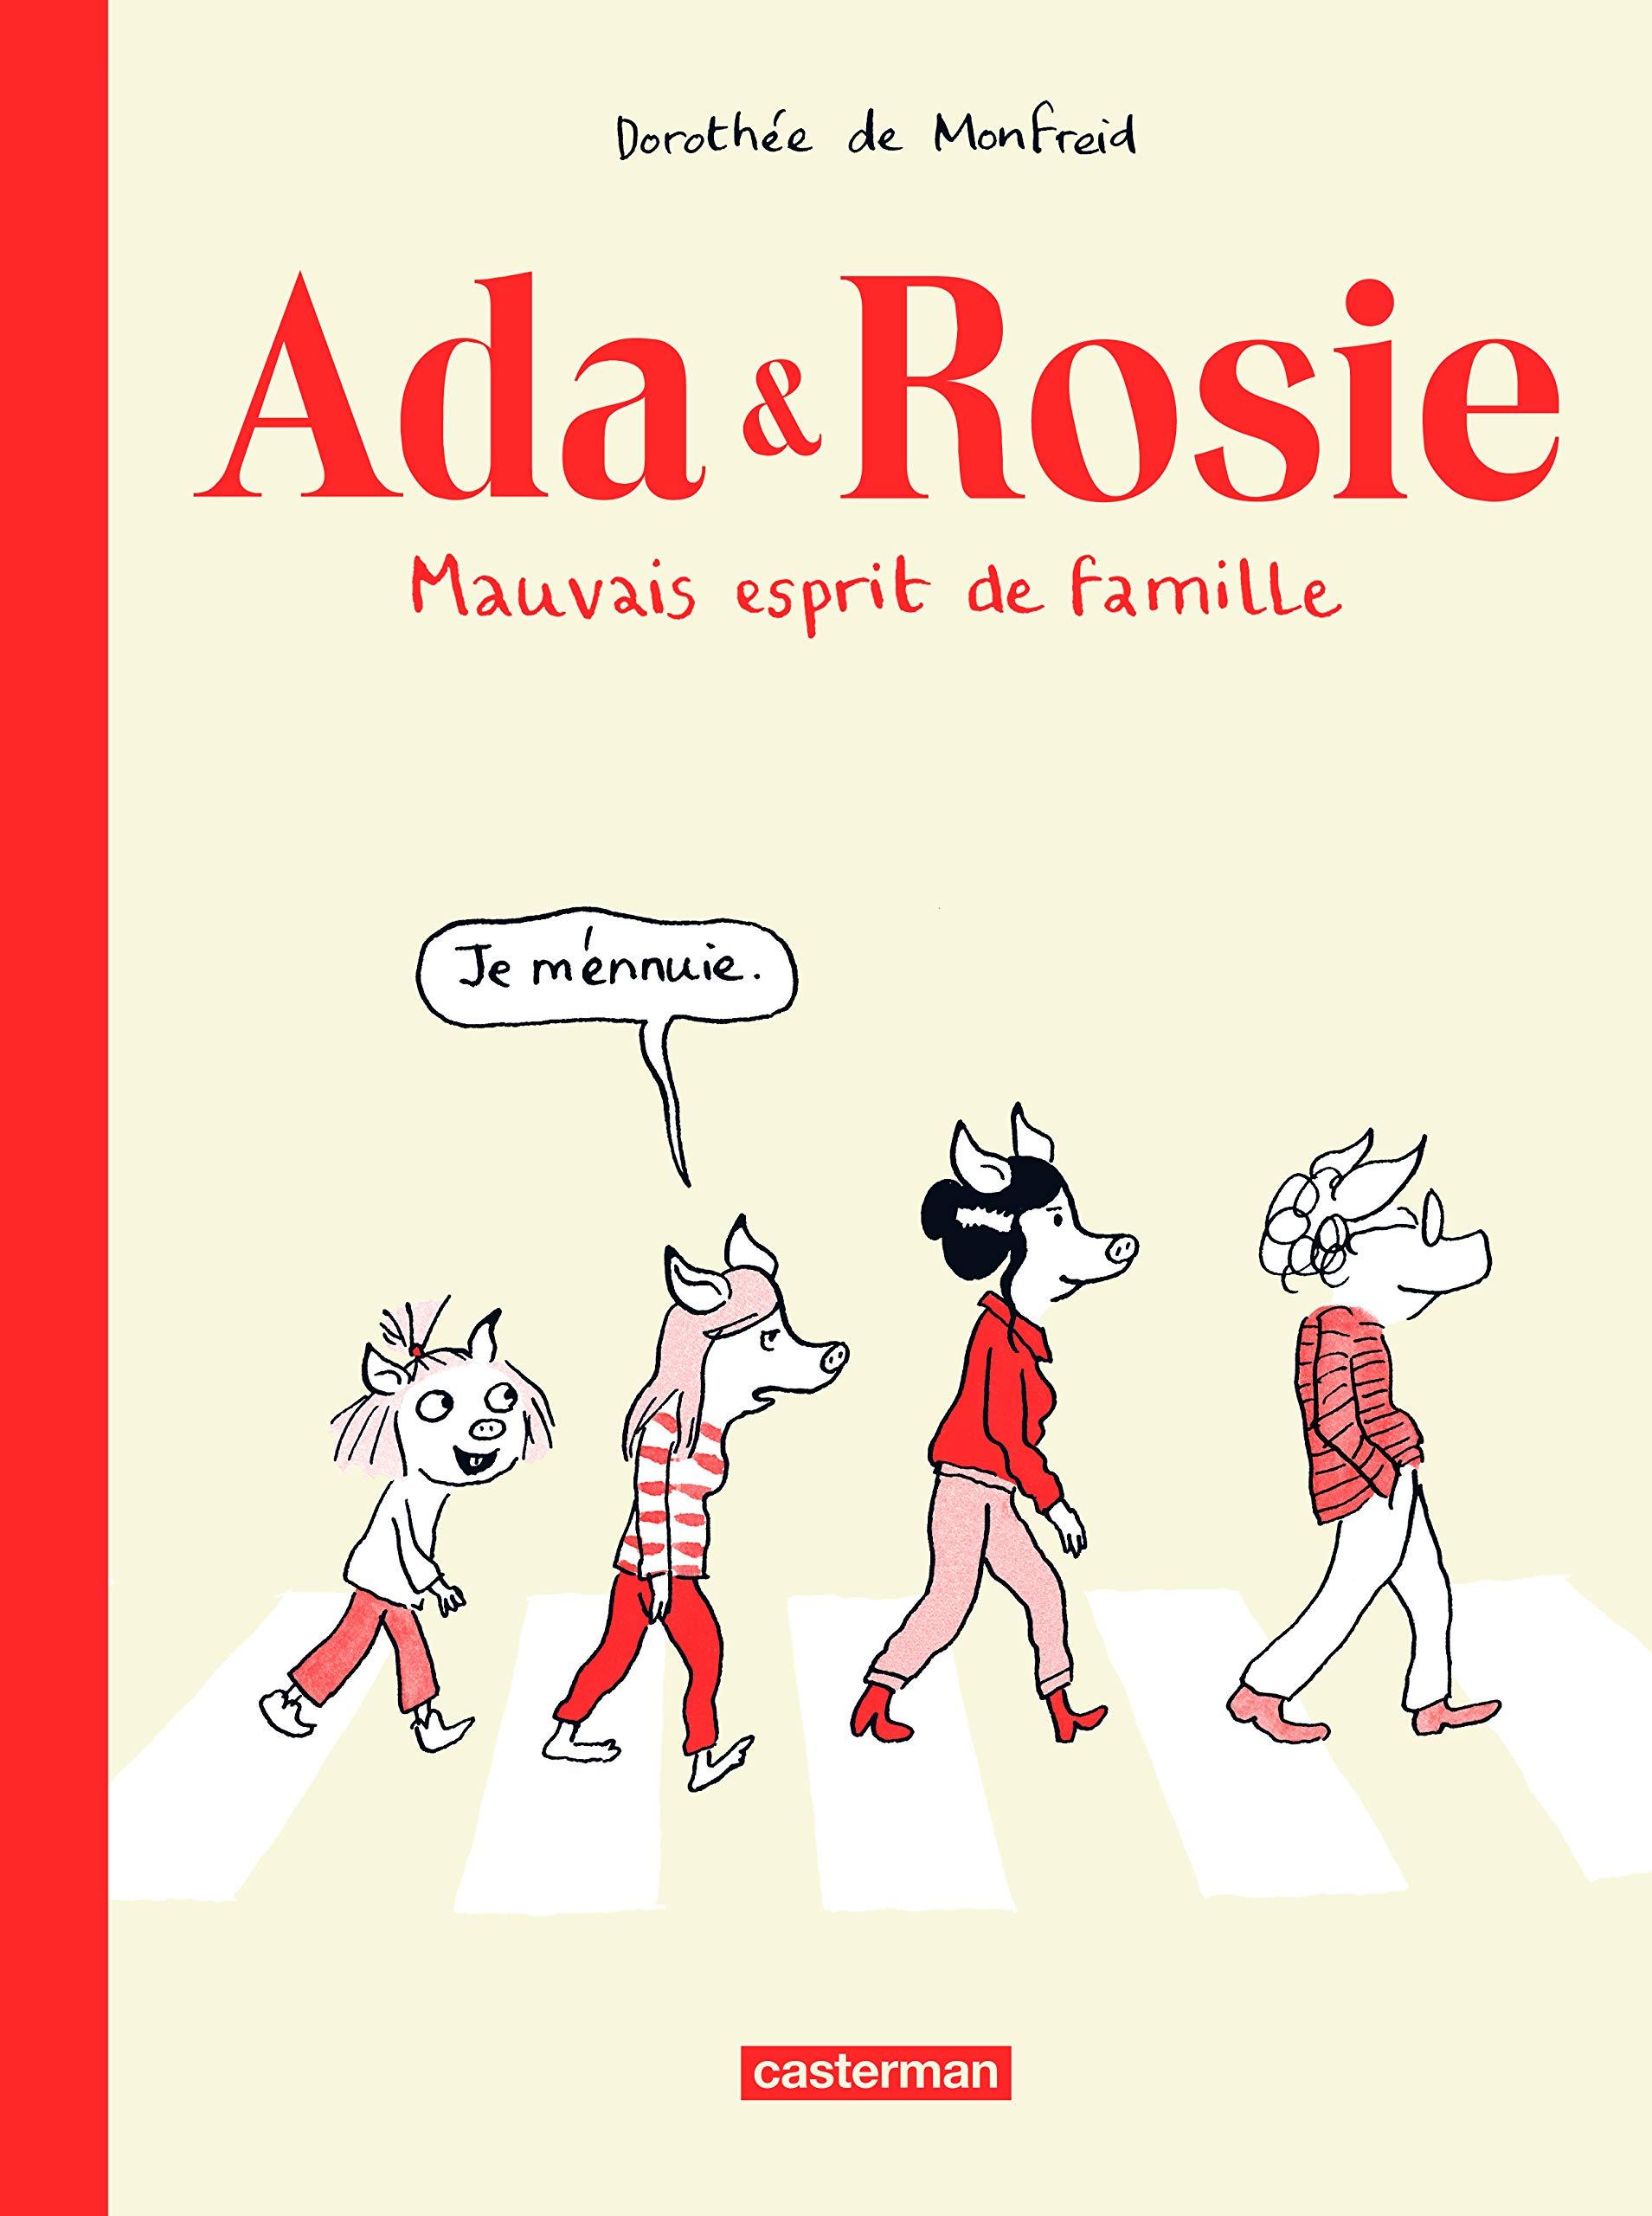 Ada & Rosie : Mauvais esprit de famille por Dorothée de Monfreid